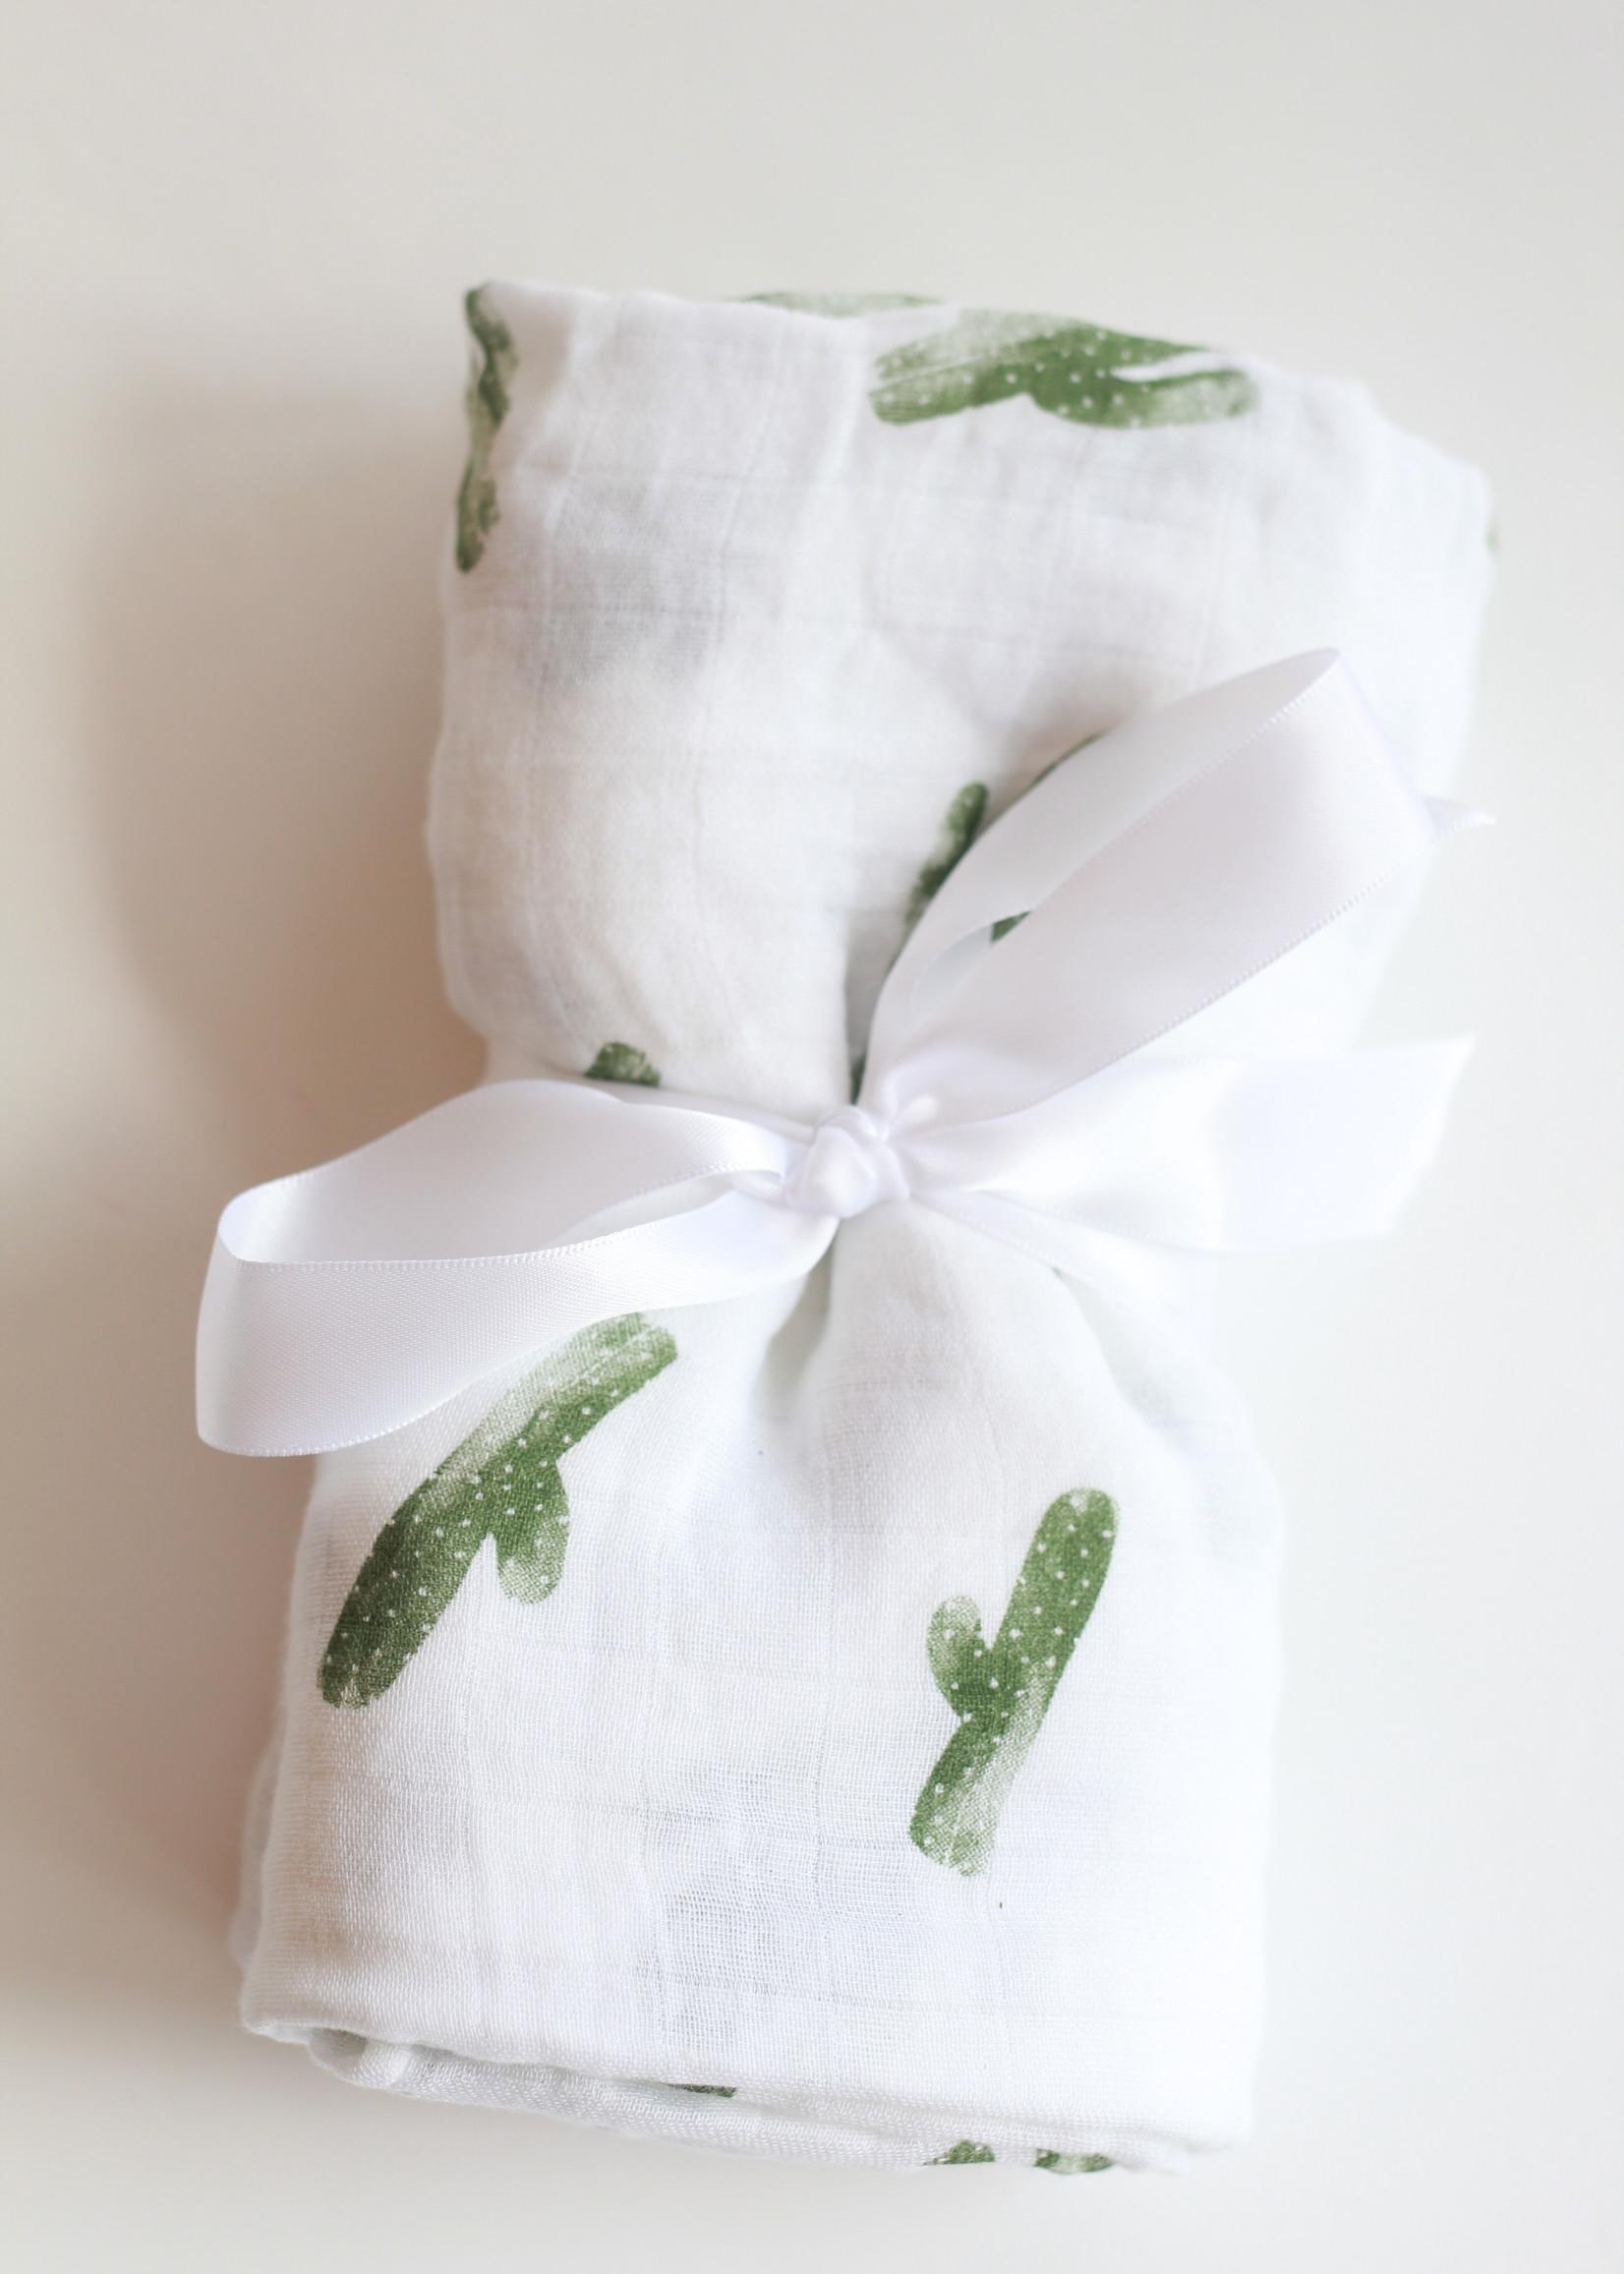 Bebe Au Lait Saguaro Oh-So-Soft Muslin Swaddle Blanket